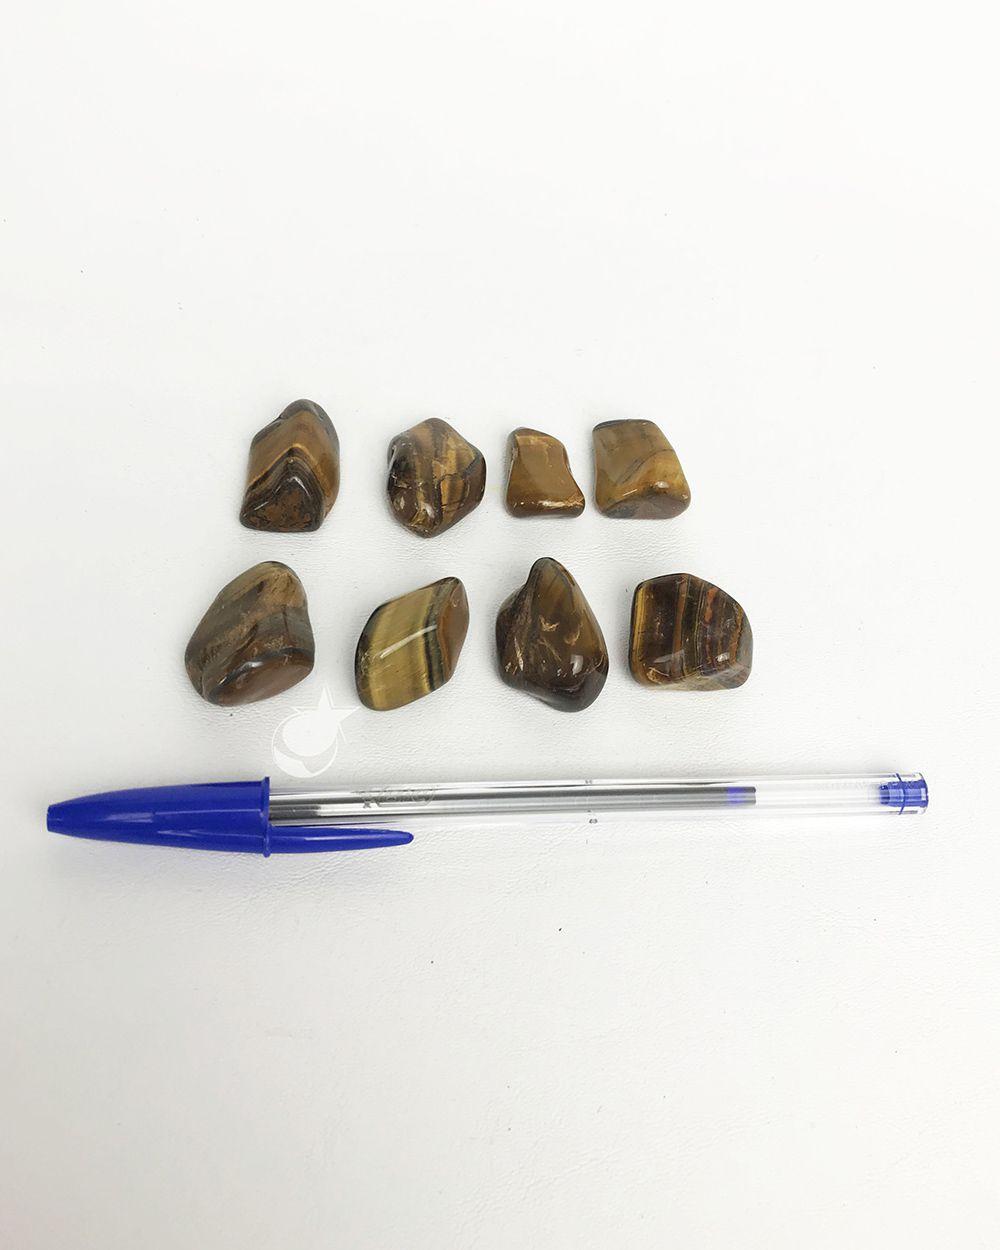 OLHO DE TIGRE ROLADO - Pacote com 4 pedras - Total 40 a 50g